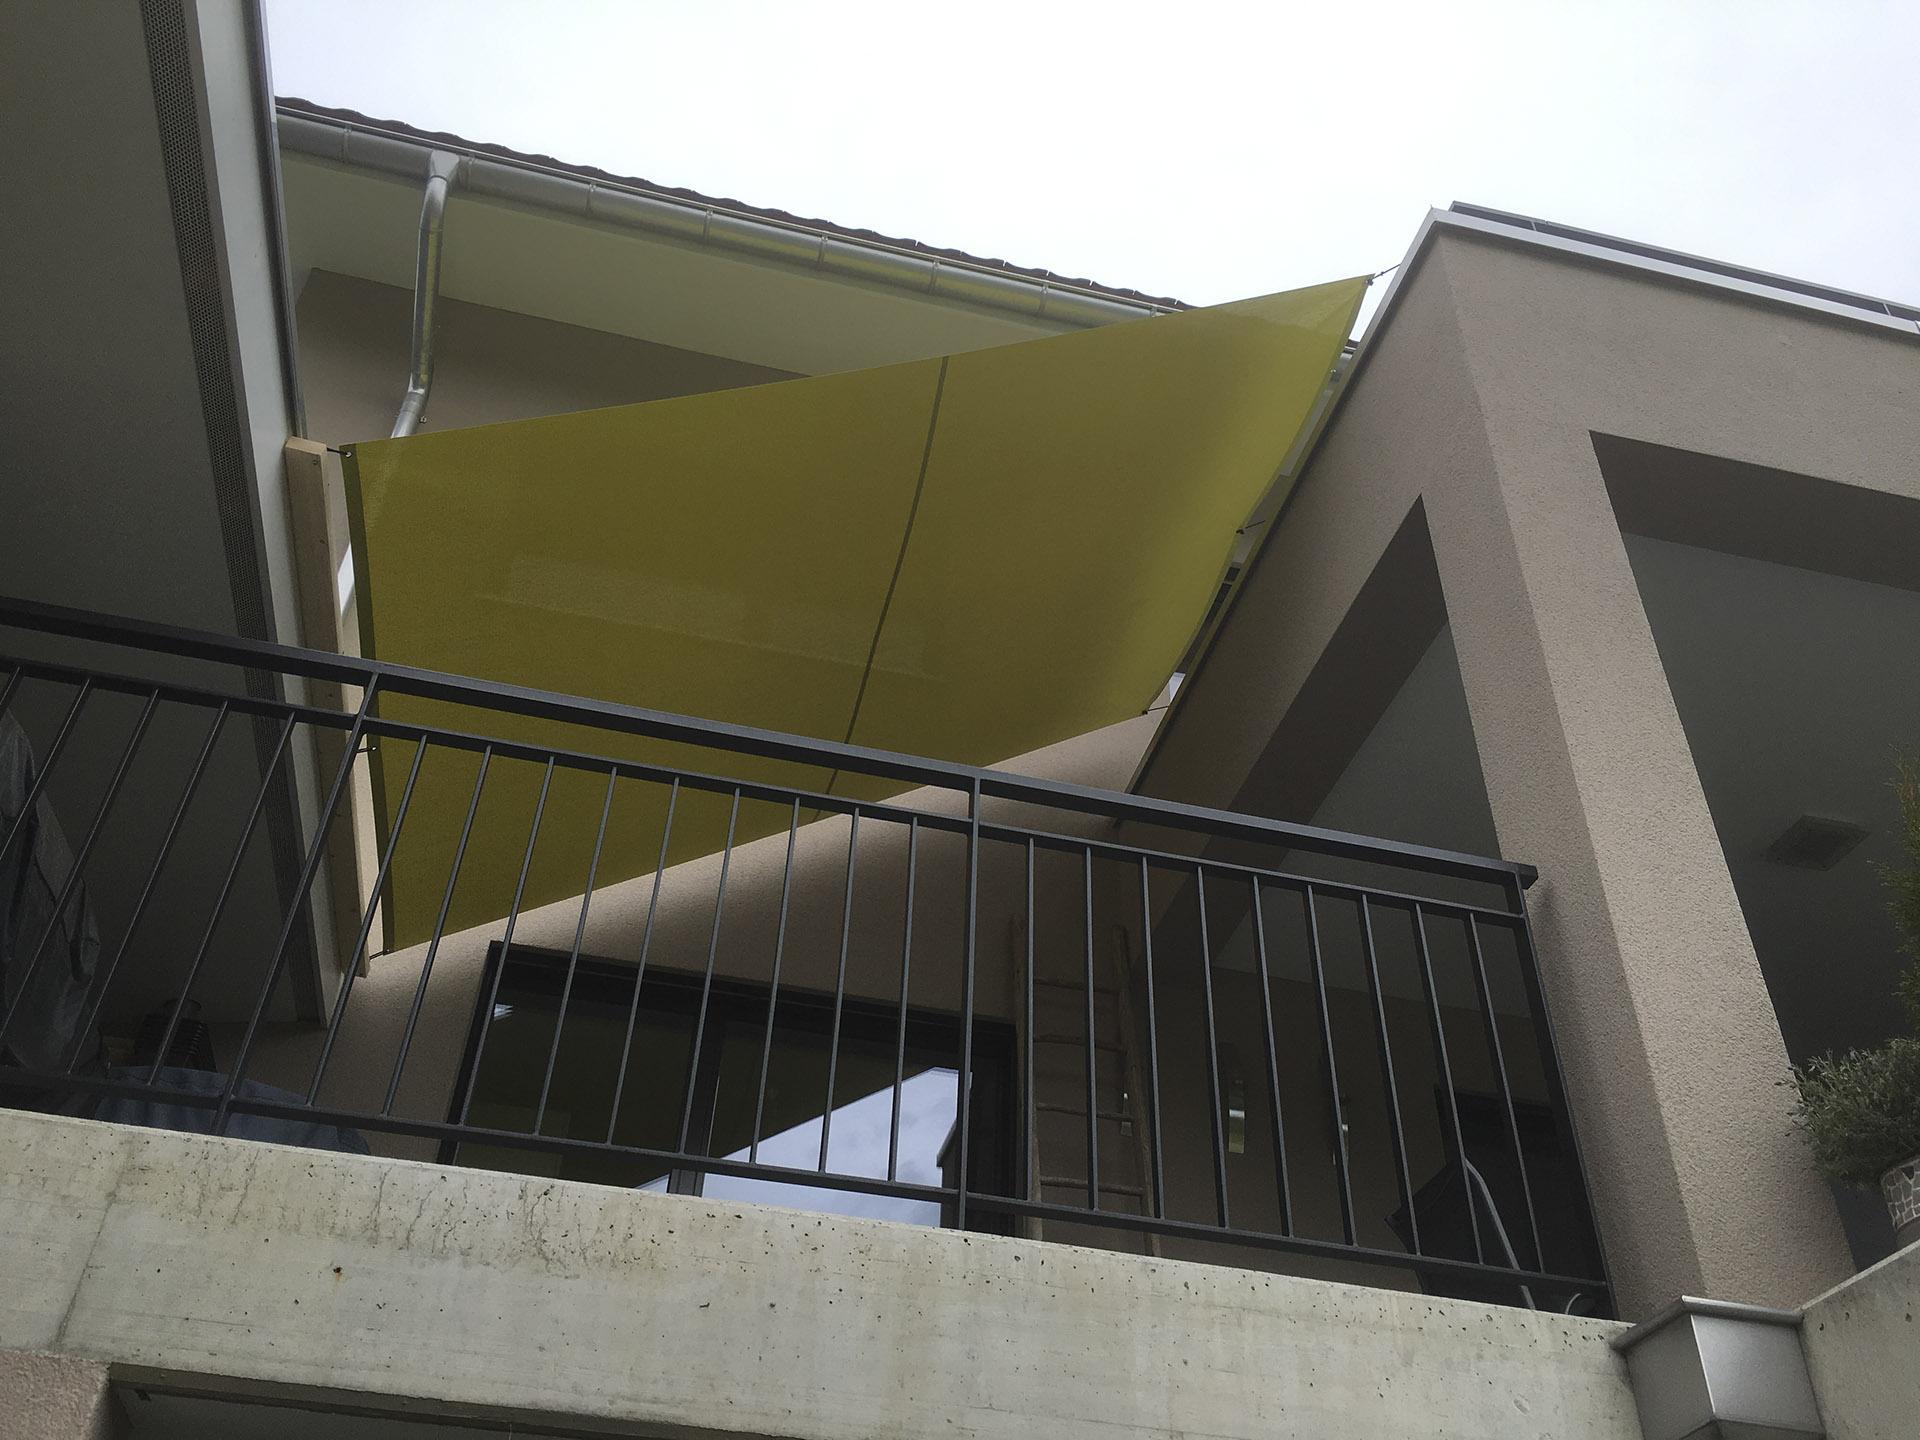 88a0eddd9b6af Ein Sonnentuch schützt einen Balkon vor starker Sonneneinstrahlung